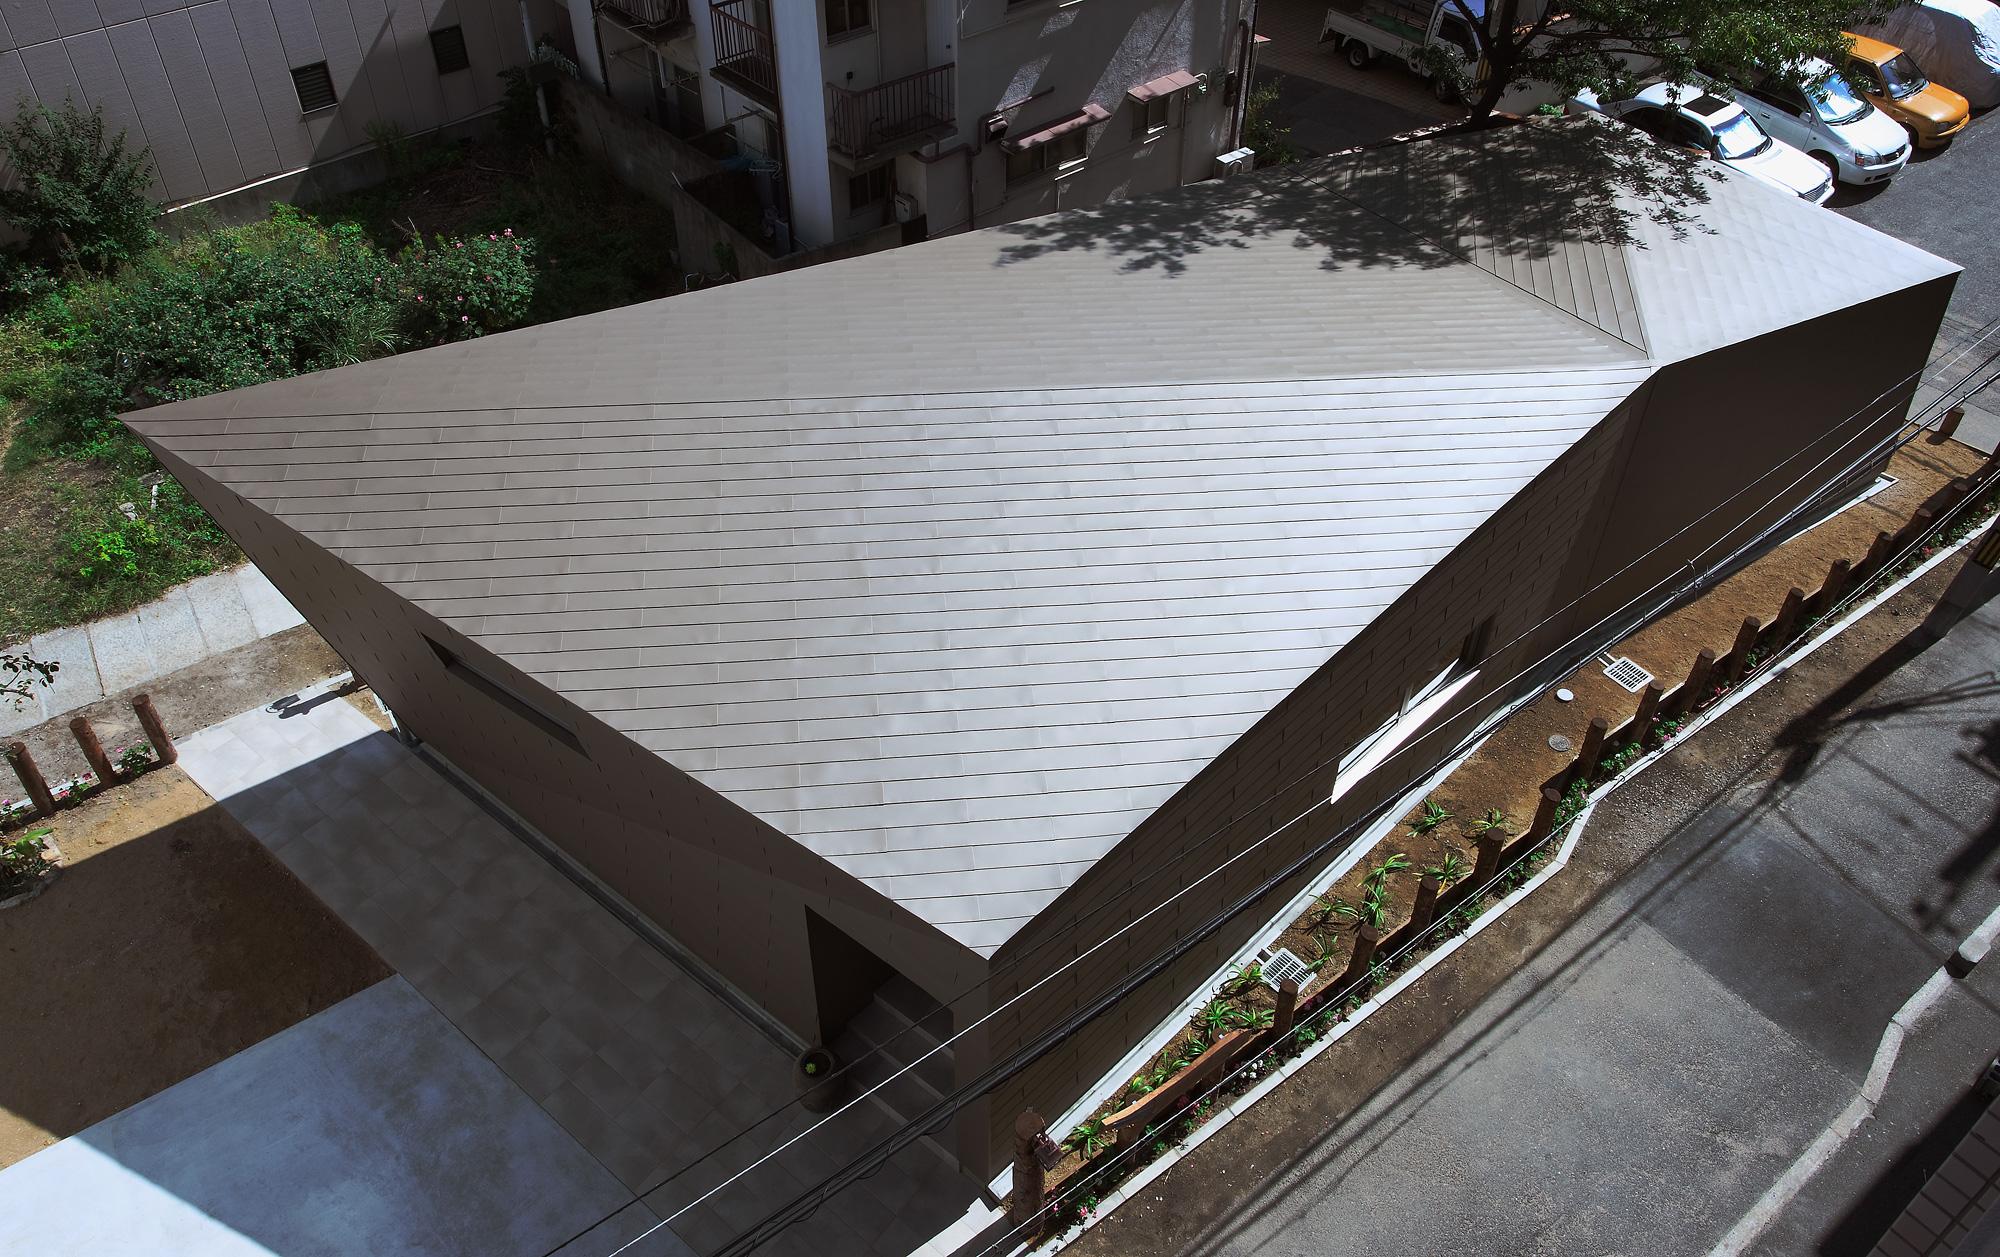 北西からの俯瞰: 屋根と壁は同一素材で、力強いひとつの「塊」を表現しています